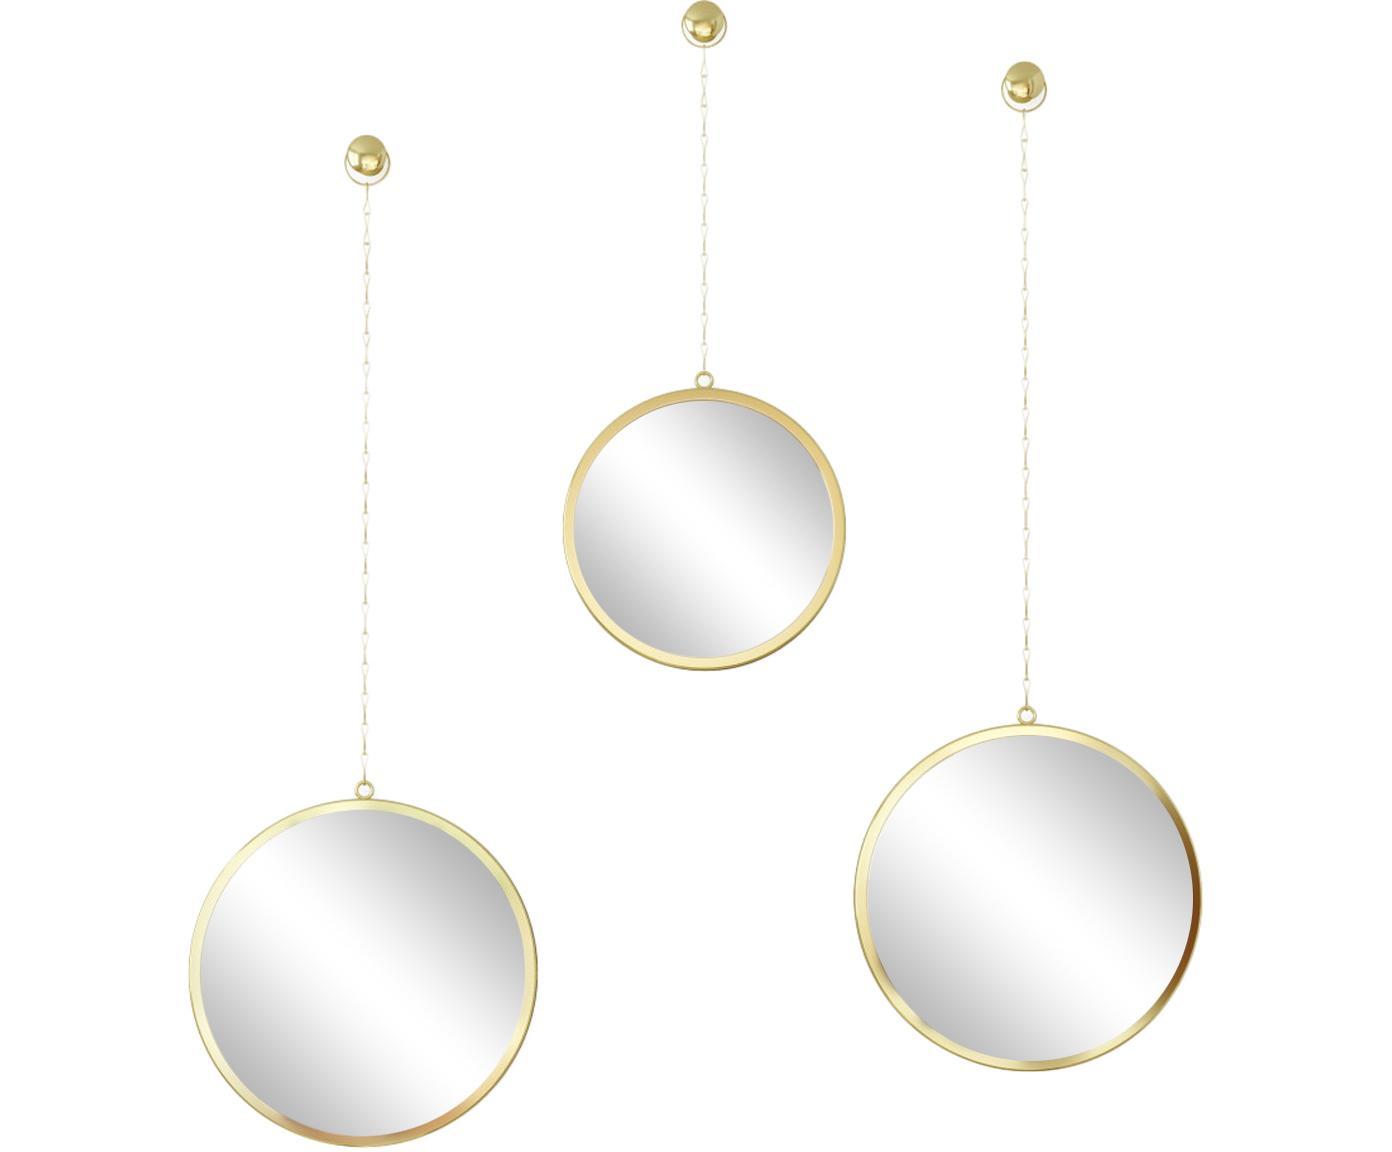 Komplet luster ściennych Dima, 3 elem., Odcienie złotego, Różne rozmiary